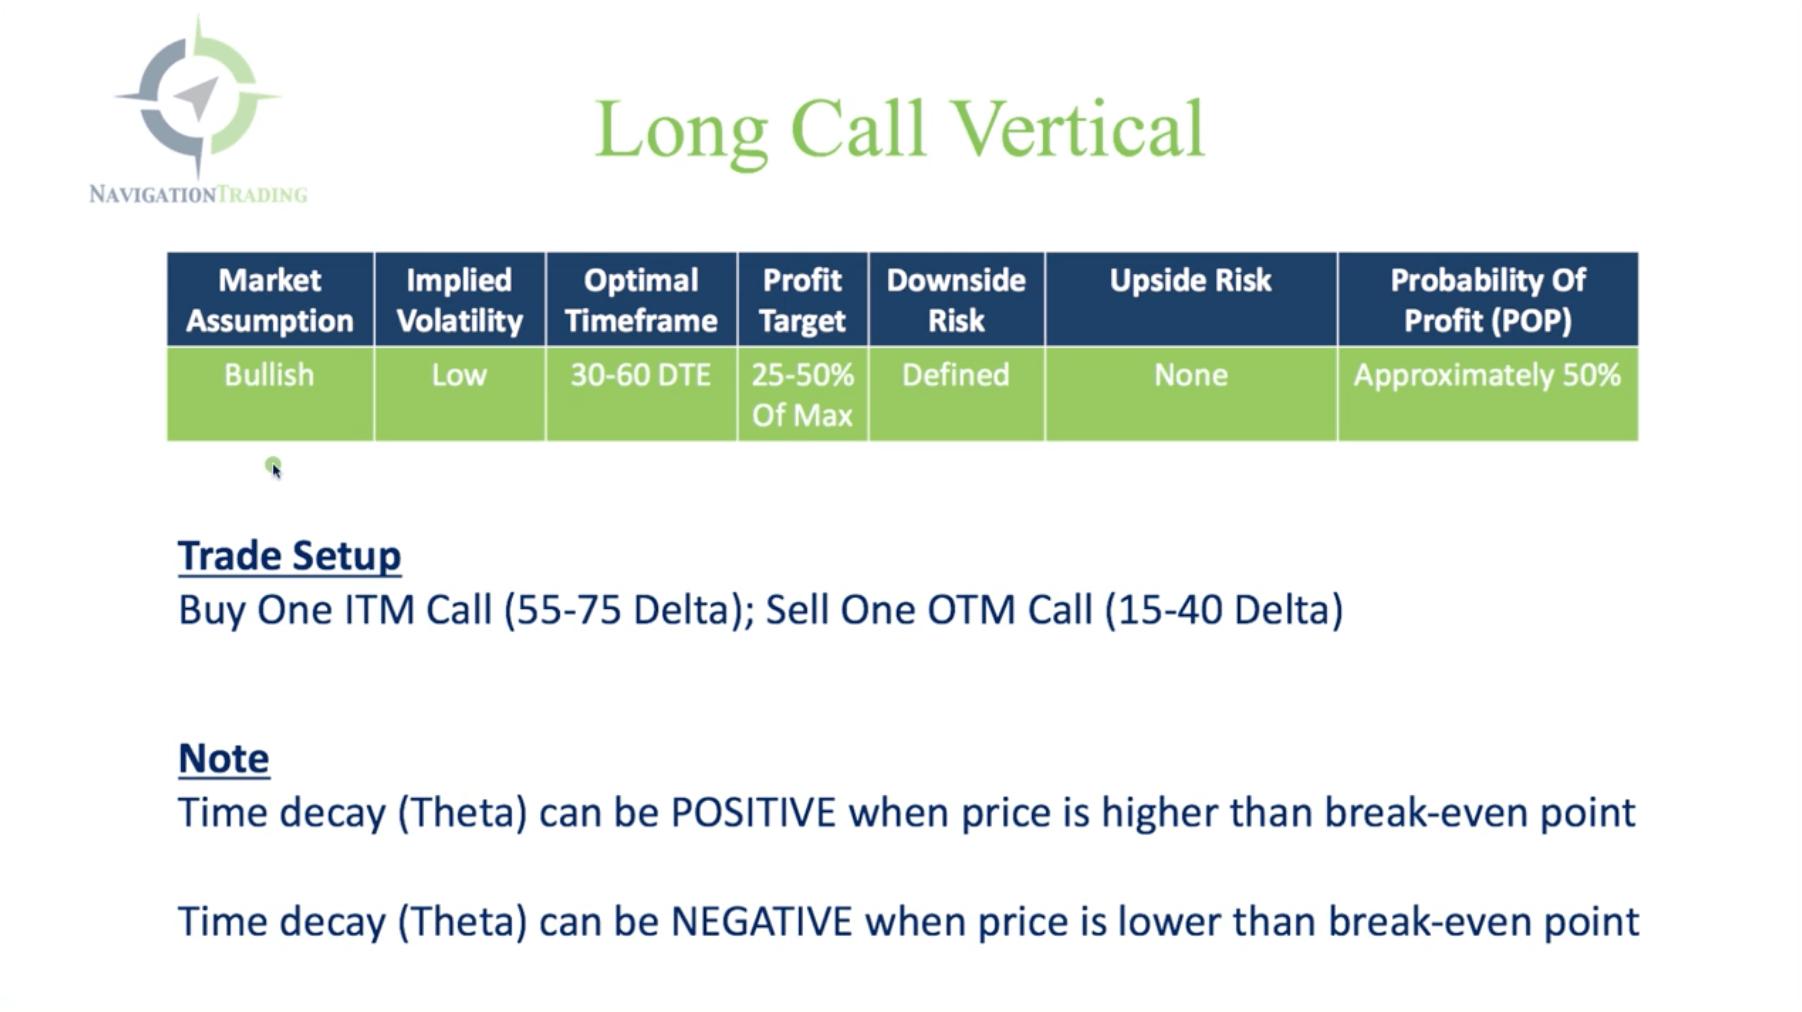 Long Call Vertical Specs